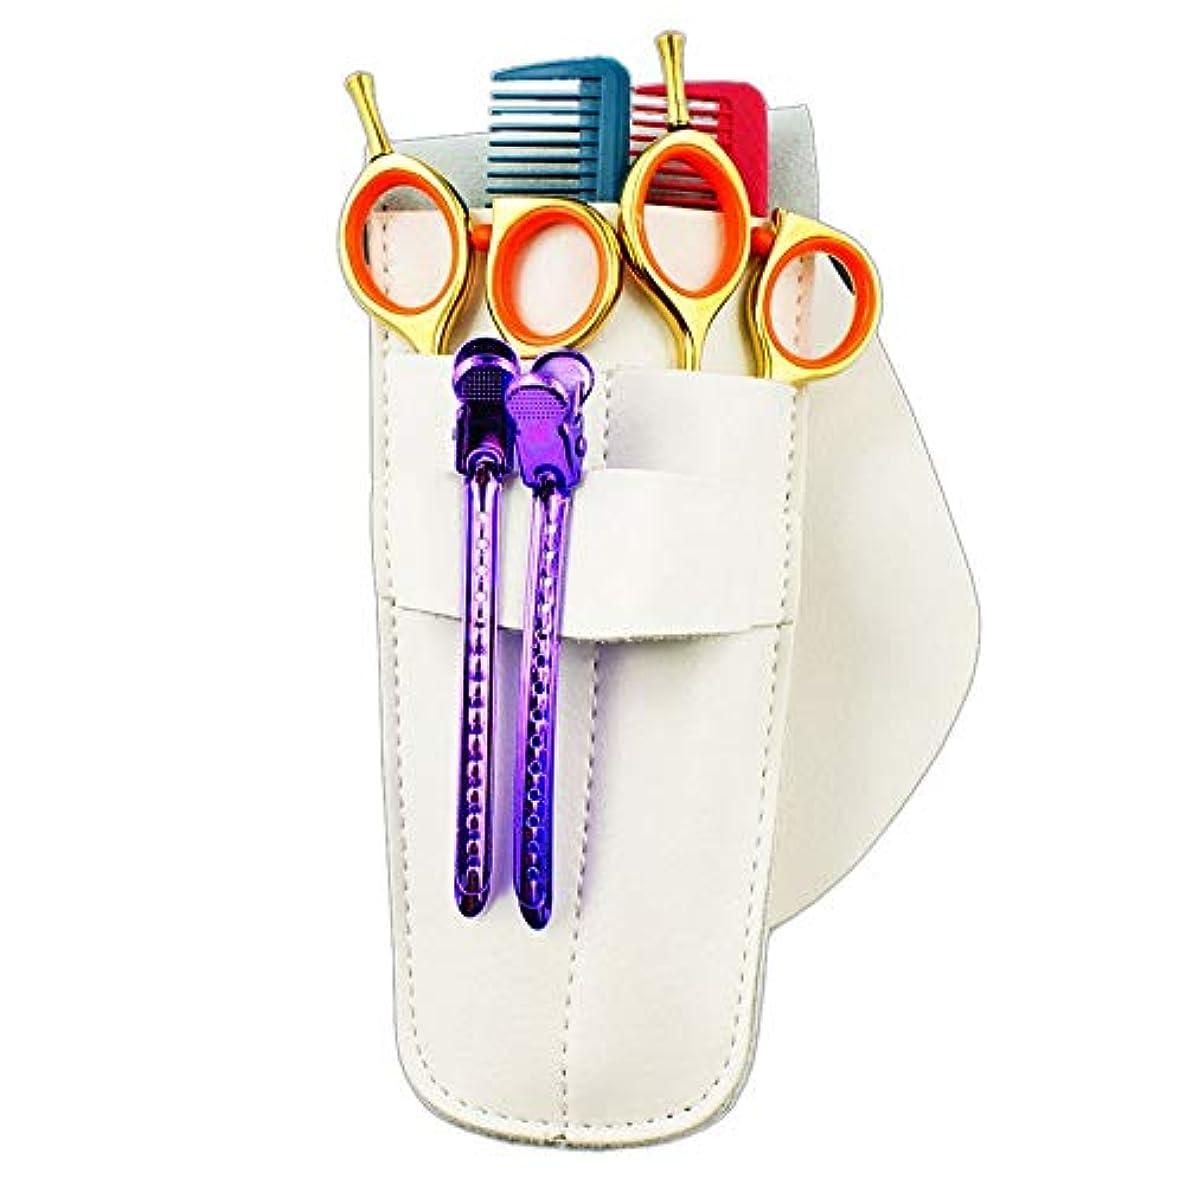 まで是正する一部Beaty Tool Storagerレザーヘアスタイリストホルスターポーチ理髪はさみくしクリップバッグ モデリングツール (色 : ホワイト)